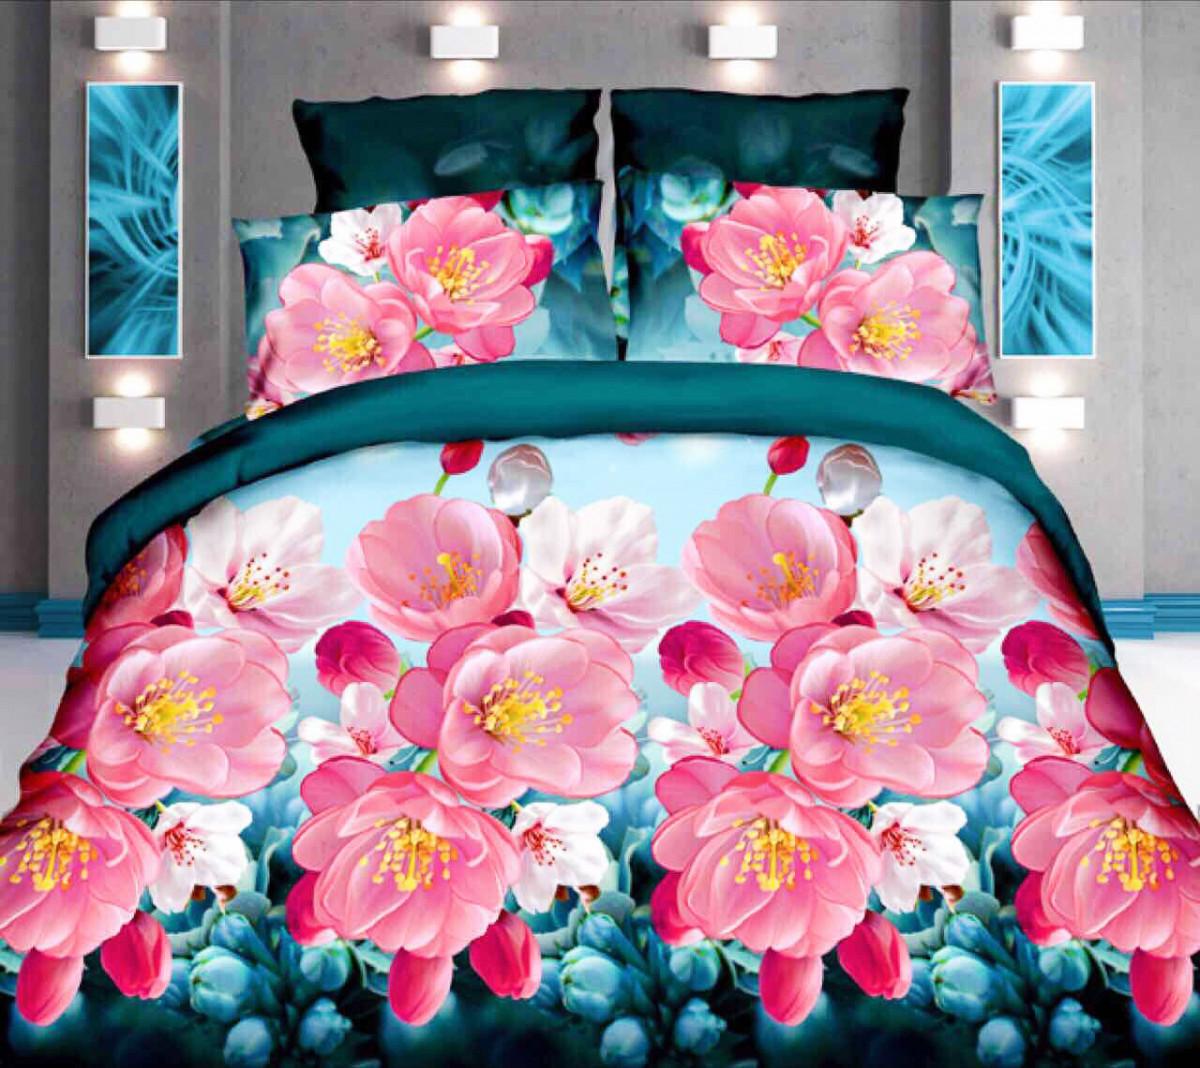 Комплект постельного белья от украинского производителя Polycotton Двуспальный T-90910